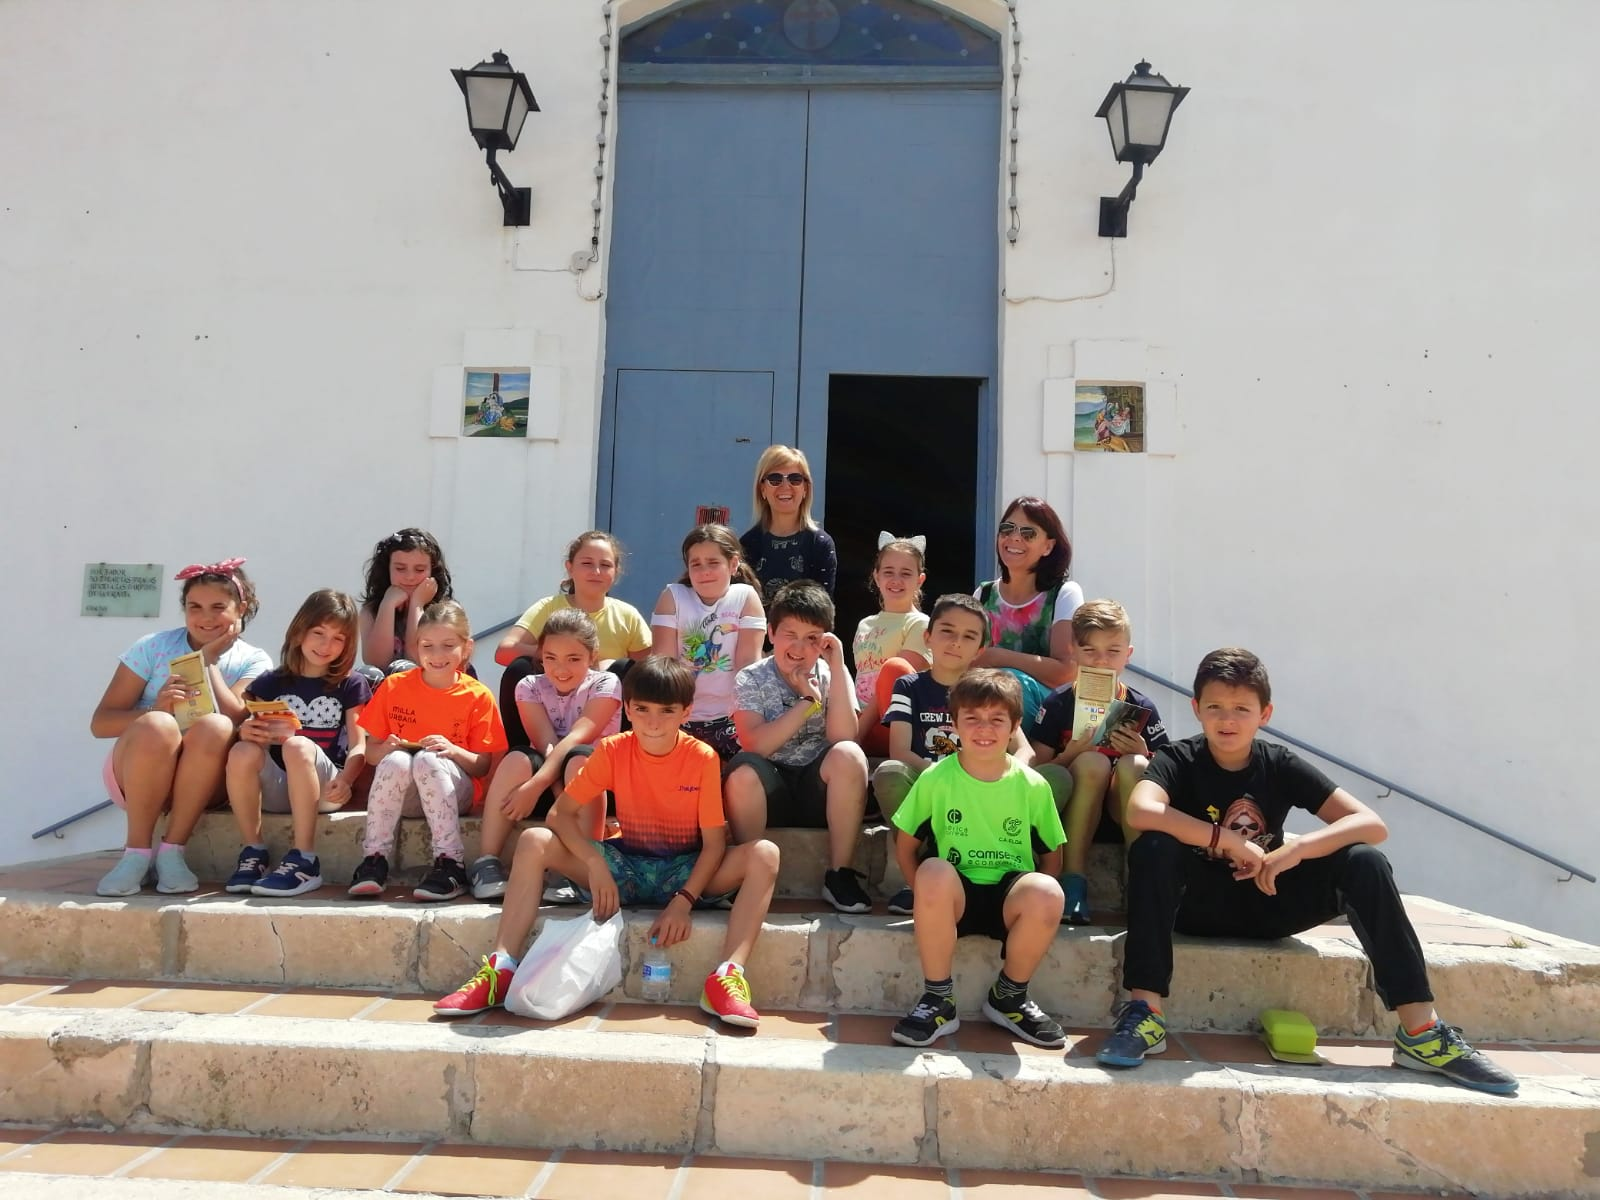 (2019-05-29) Visita alumnos Laura - 3 B primaria - Reina Sofia - Isabel B (06)